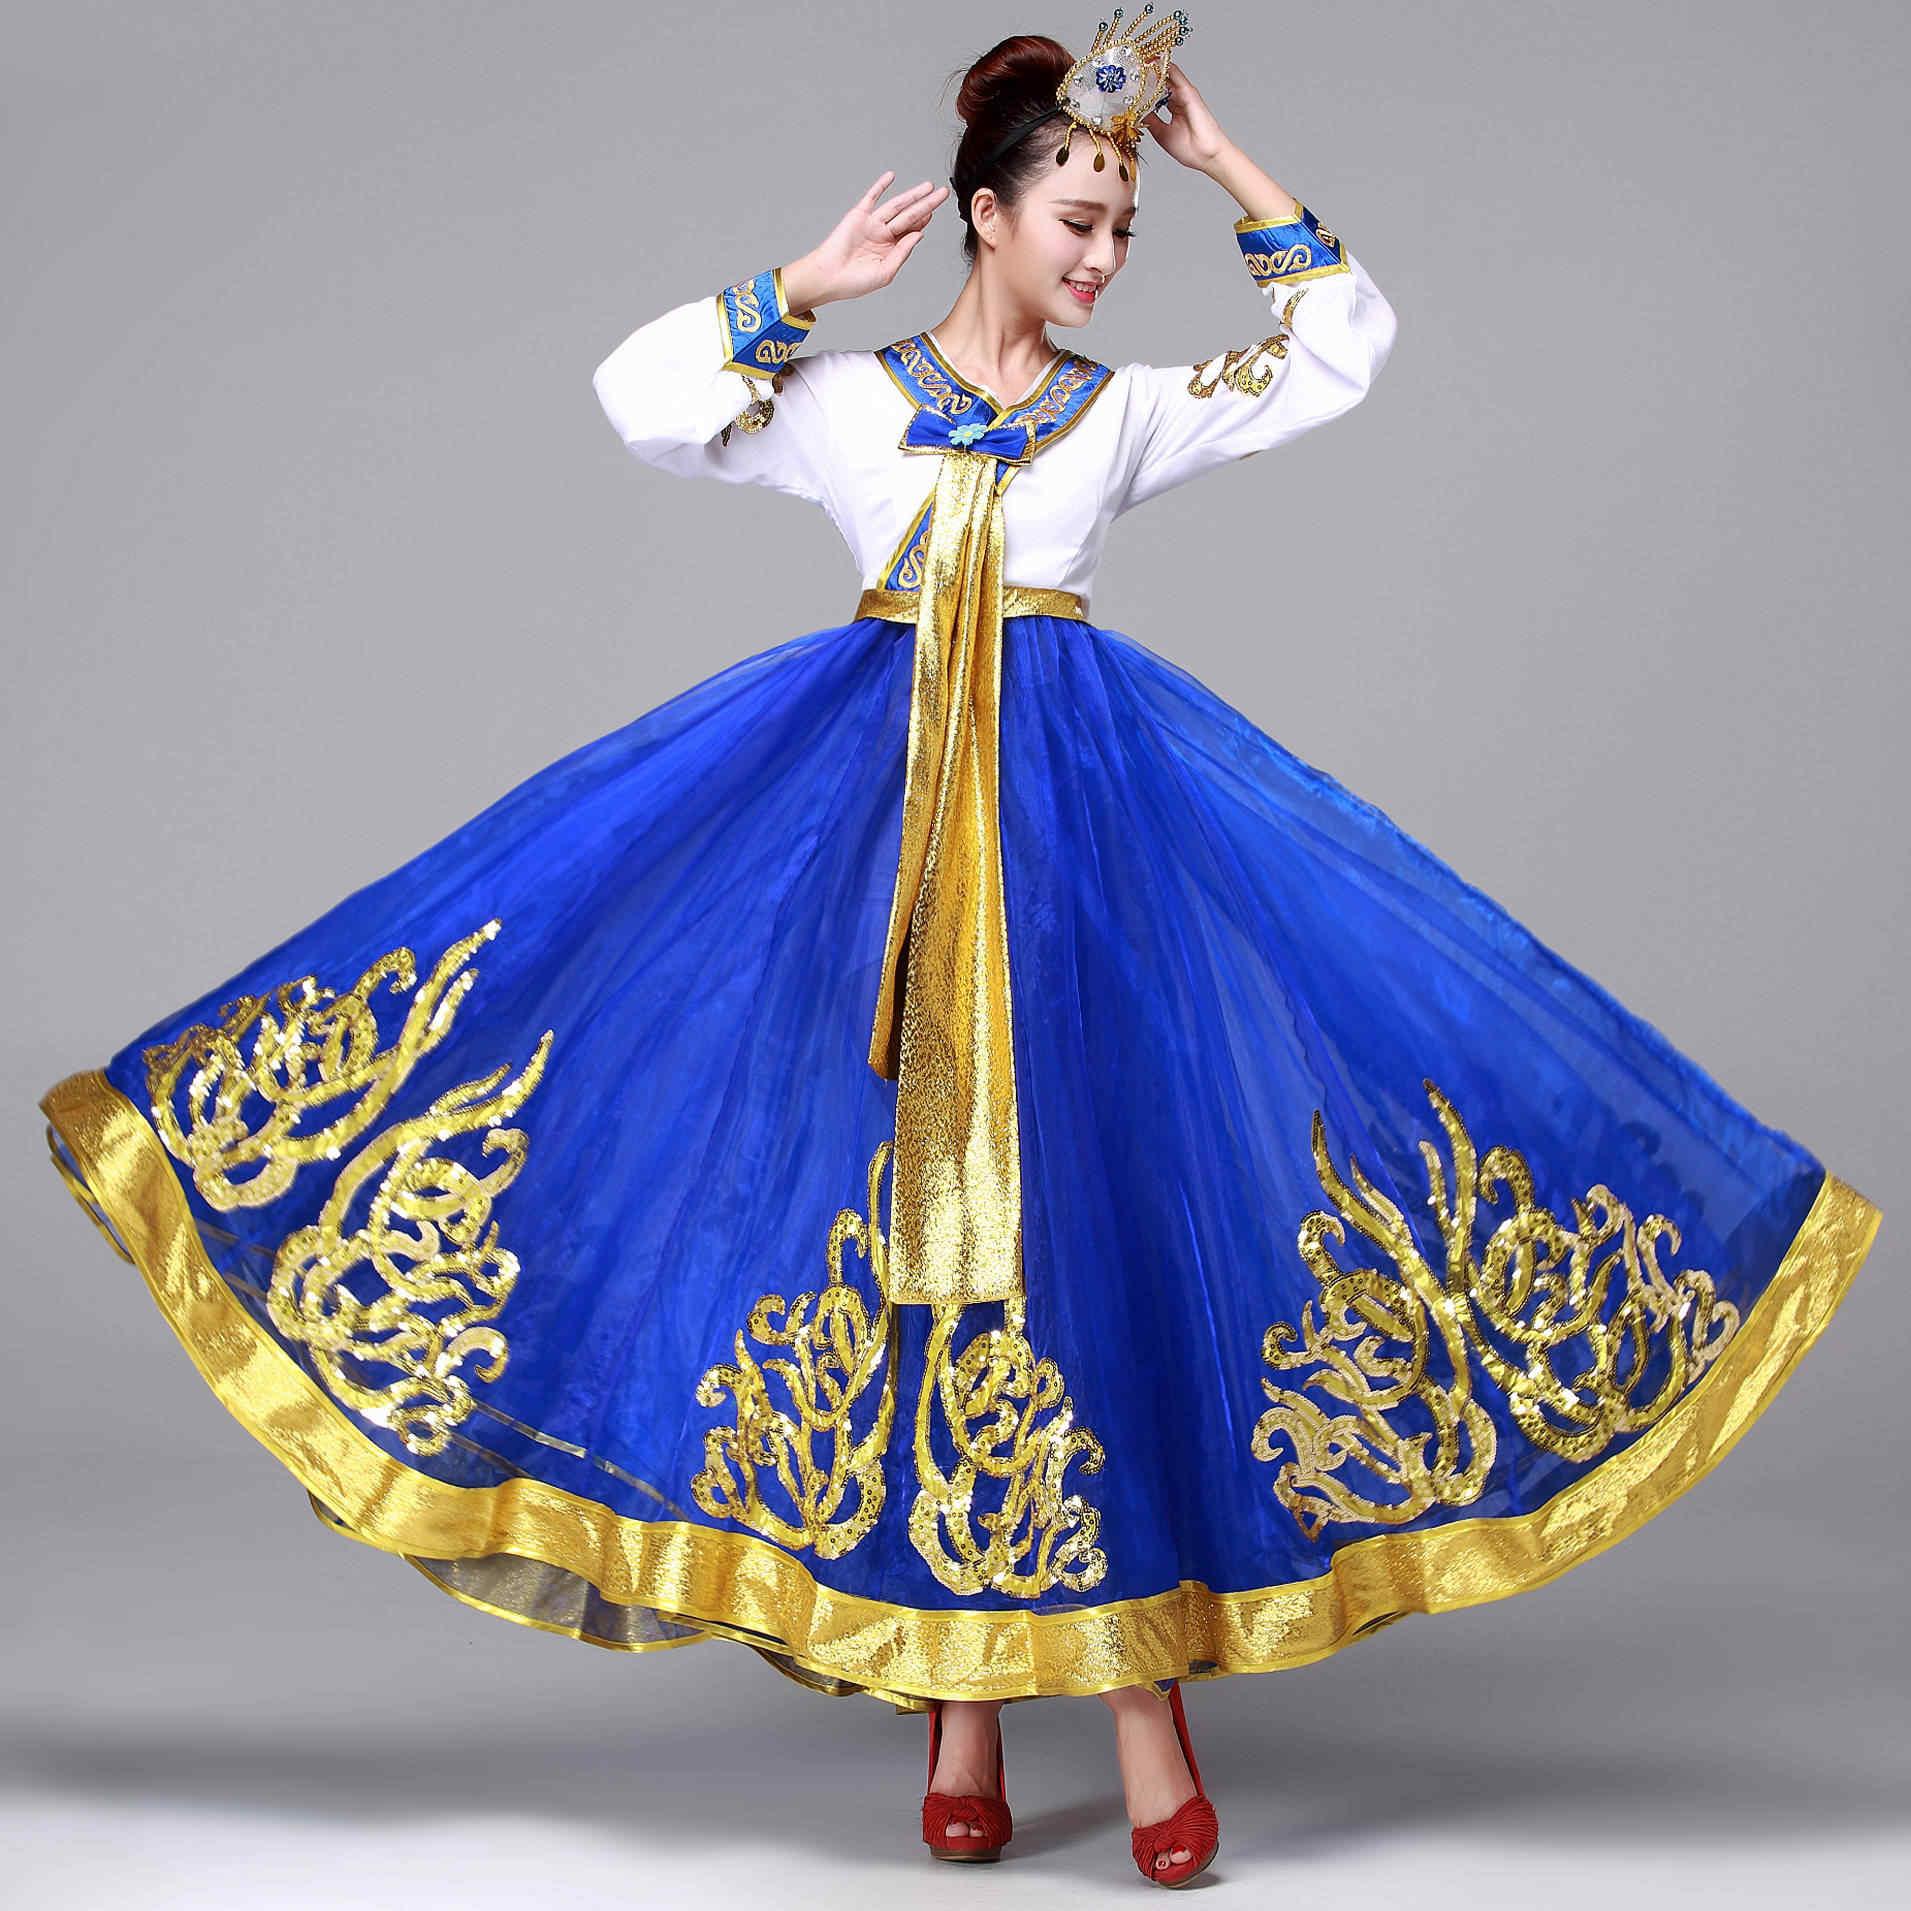 למרבה המזל, זה גדול חתיכת תחפושת ריקוד תלבושות הלאומי של נשים hanbok קוריאנית ארוך קוריאני תלבושות